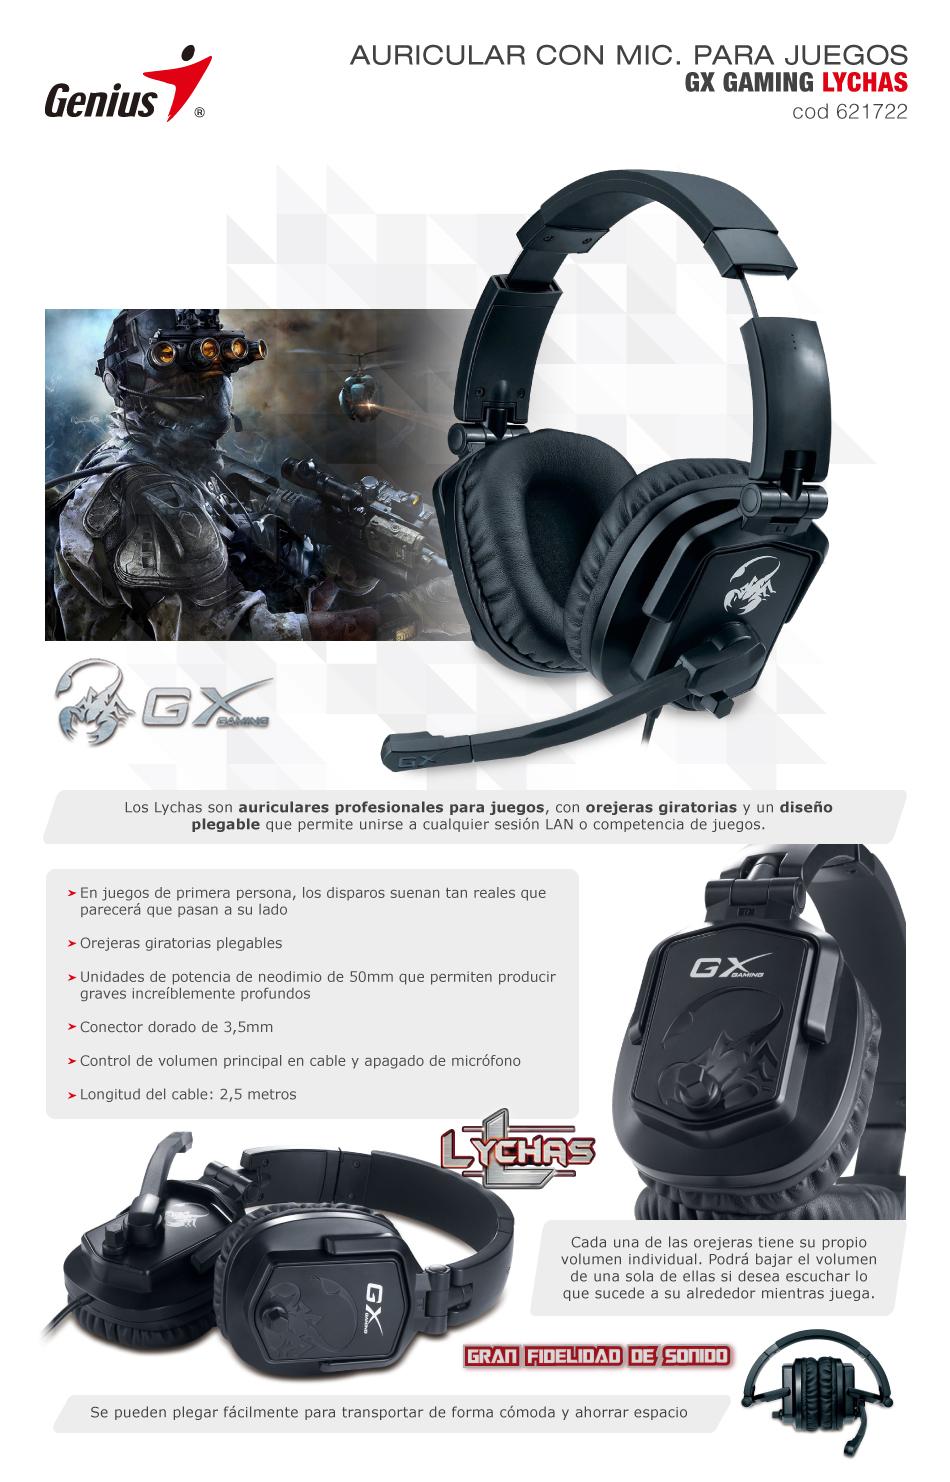 d35a81e67d9 Genius Gx Lychas Auricular con Microfono Gaming | Pc Shop